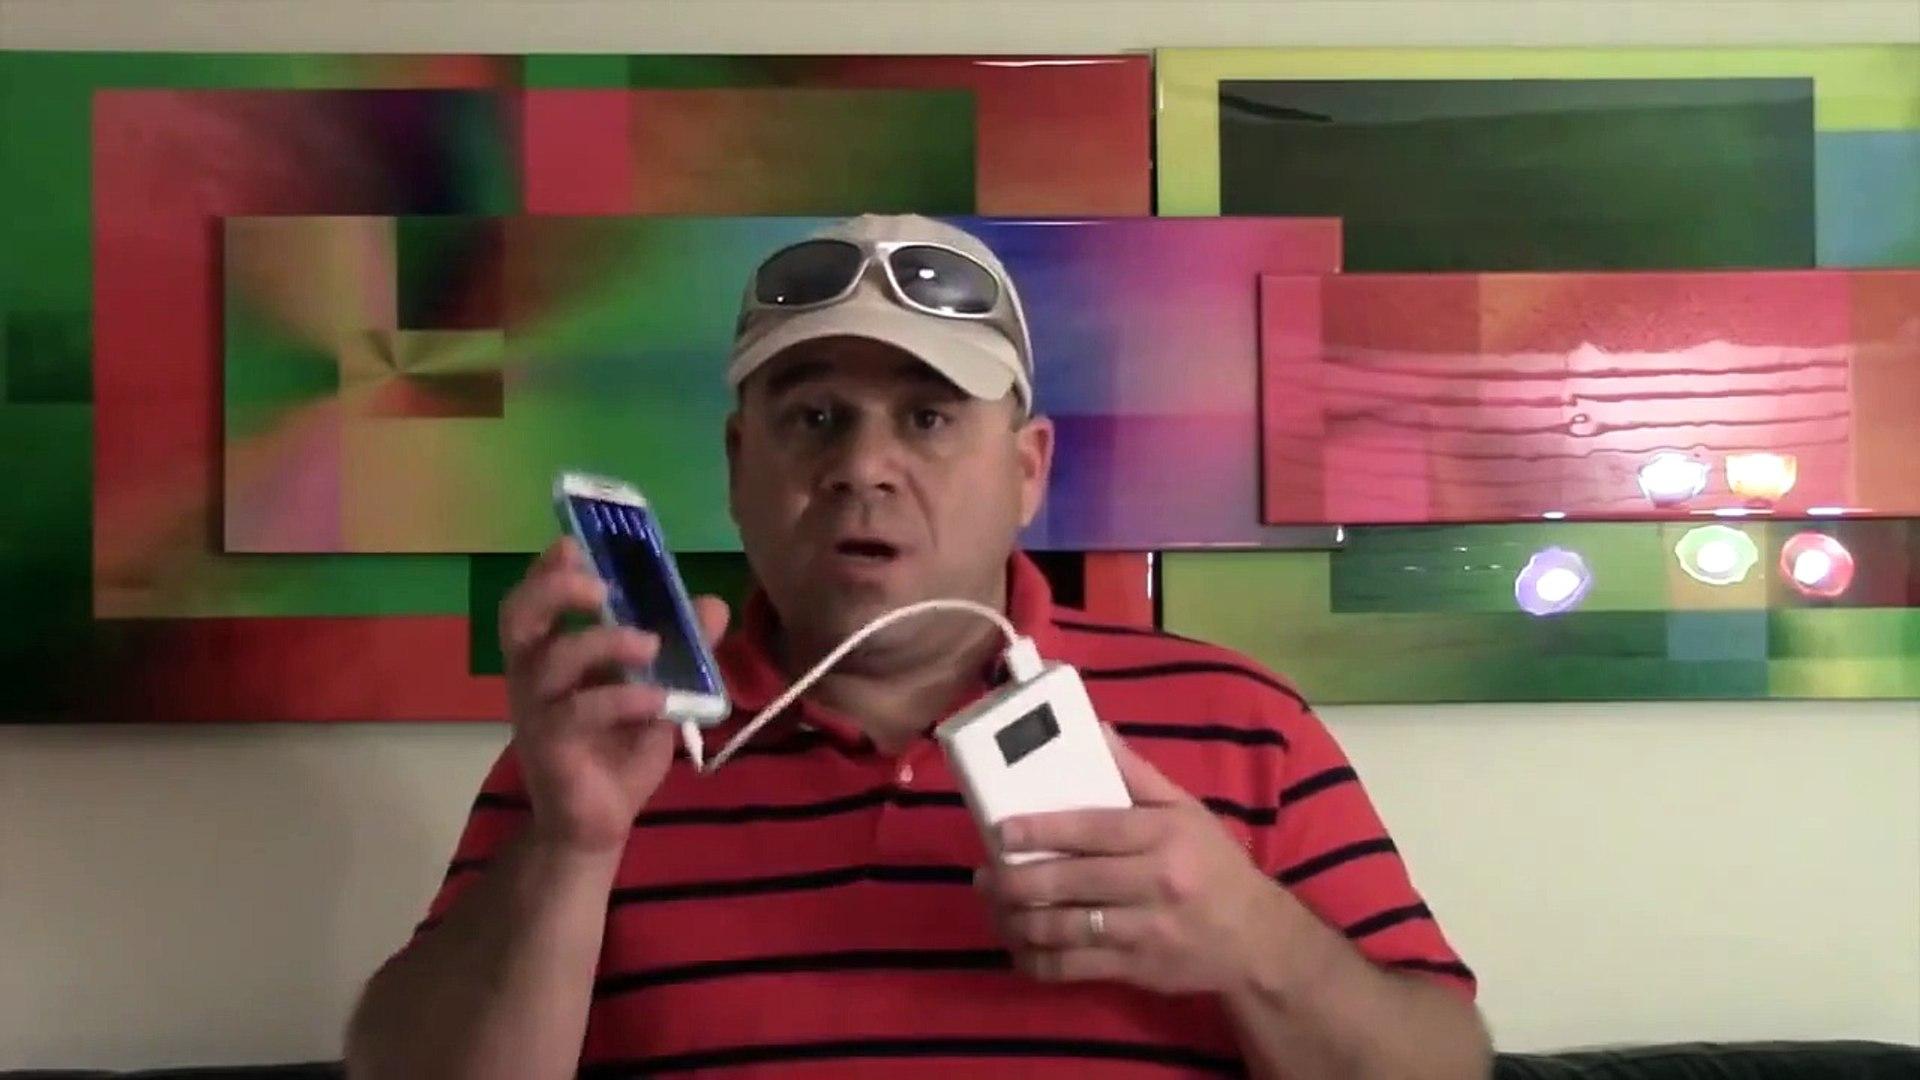 Credit Card Scan Prank Public Prank Pranks on People Funny Pranks Best Pranks 2014